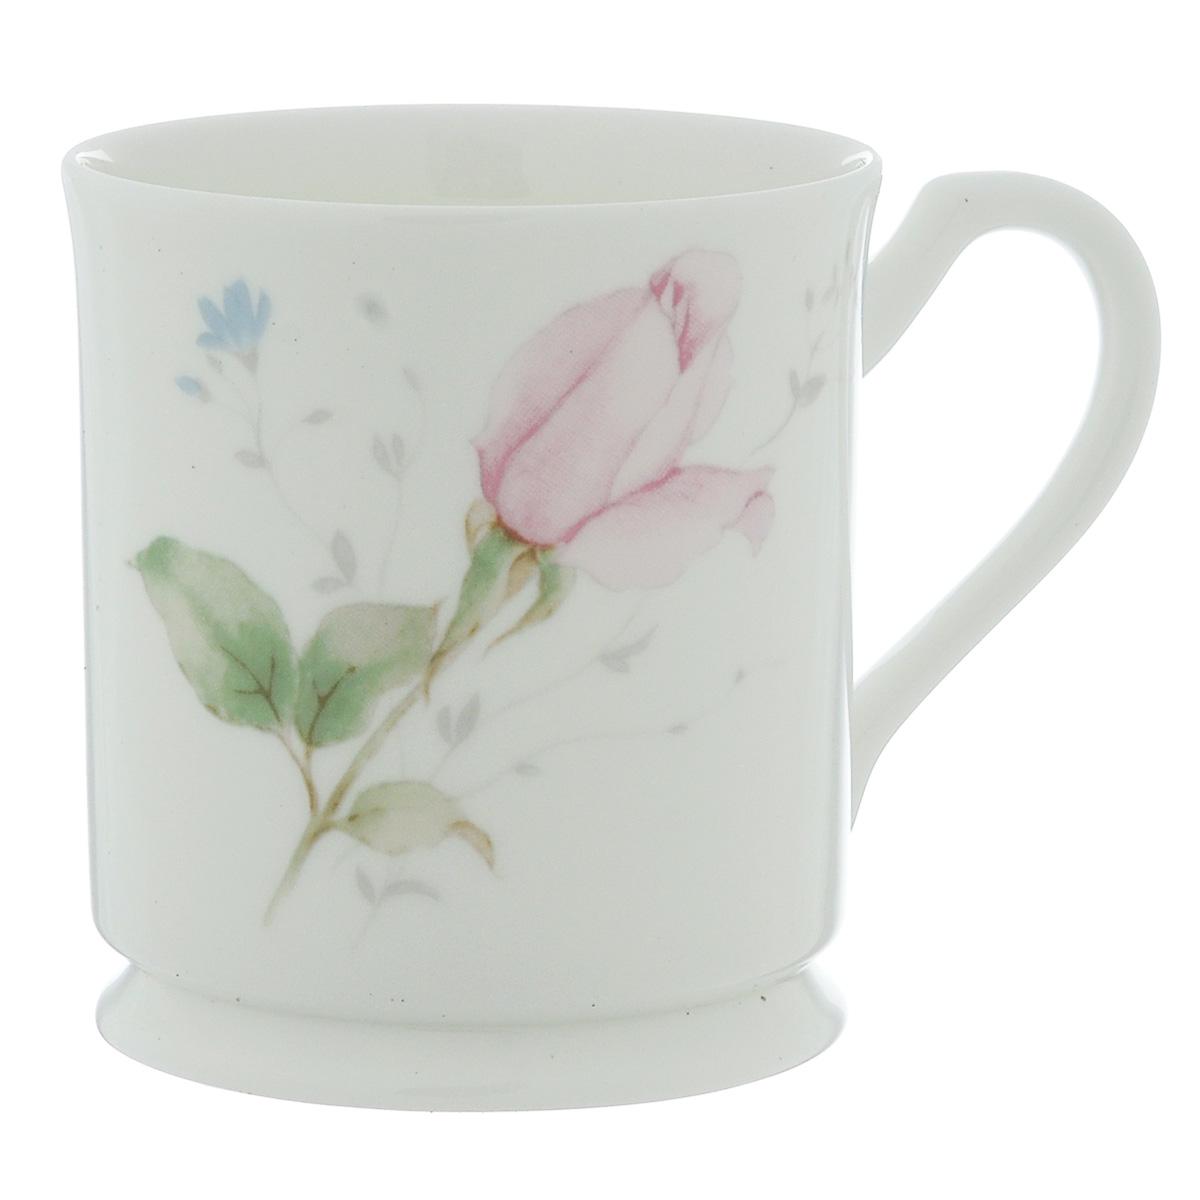 Кружка Narumi Апрельская роза, 220 мл115510Кружка Narumi Апрельская роза, выполненная из высококачественного фарфора, декорирована изображением розы. Изделие оснащено удобной ручкой. Кружка сочетает в себе оригинальный дизайн и функциональность. Кружка Narumi Апрельская роза согреет вас долгими холодными вечерами. Не рекомендуется использовать в посудомоечной машине и микроволновой печи. Объем: 220 мл.Диаметр (по верхнему краю): 8 см.Высота кружки: 9 см.